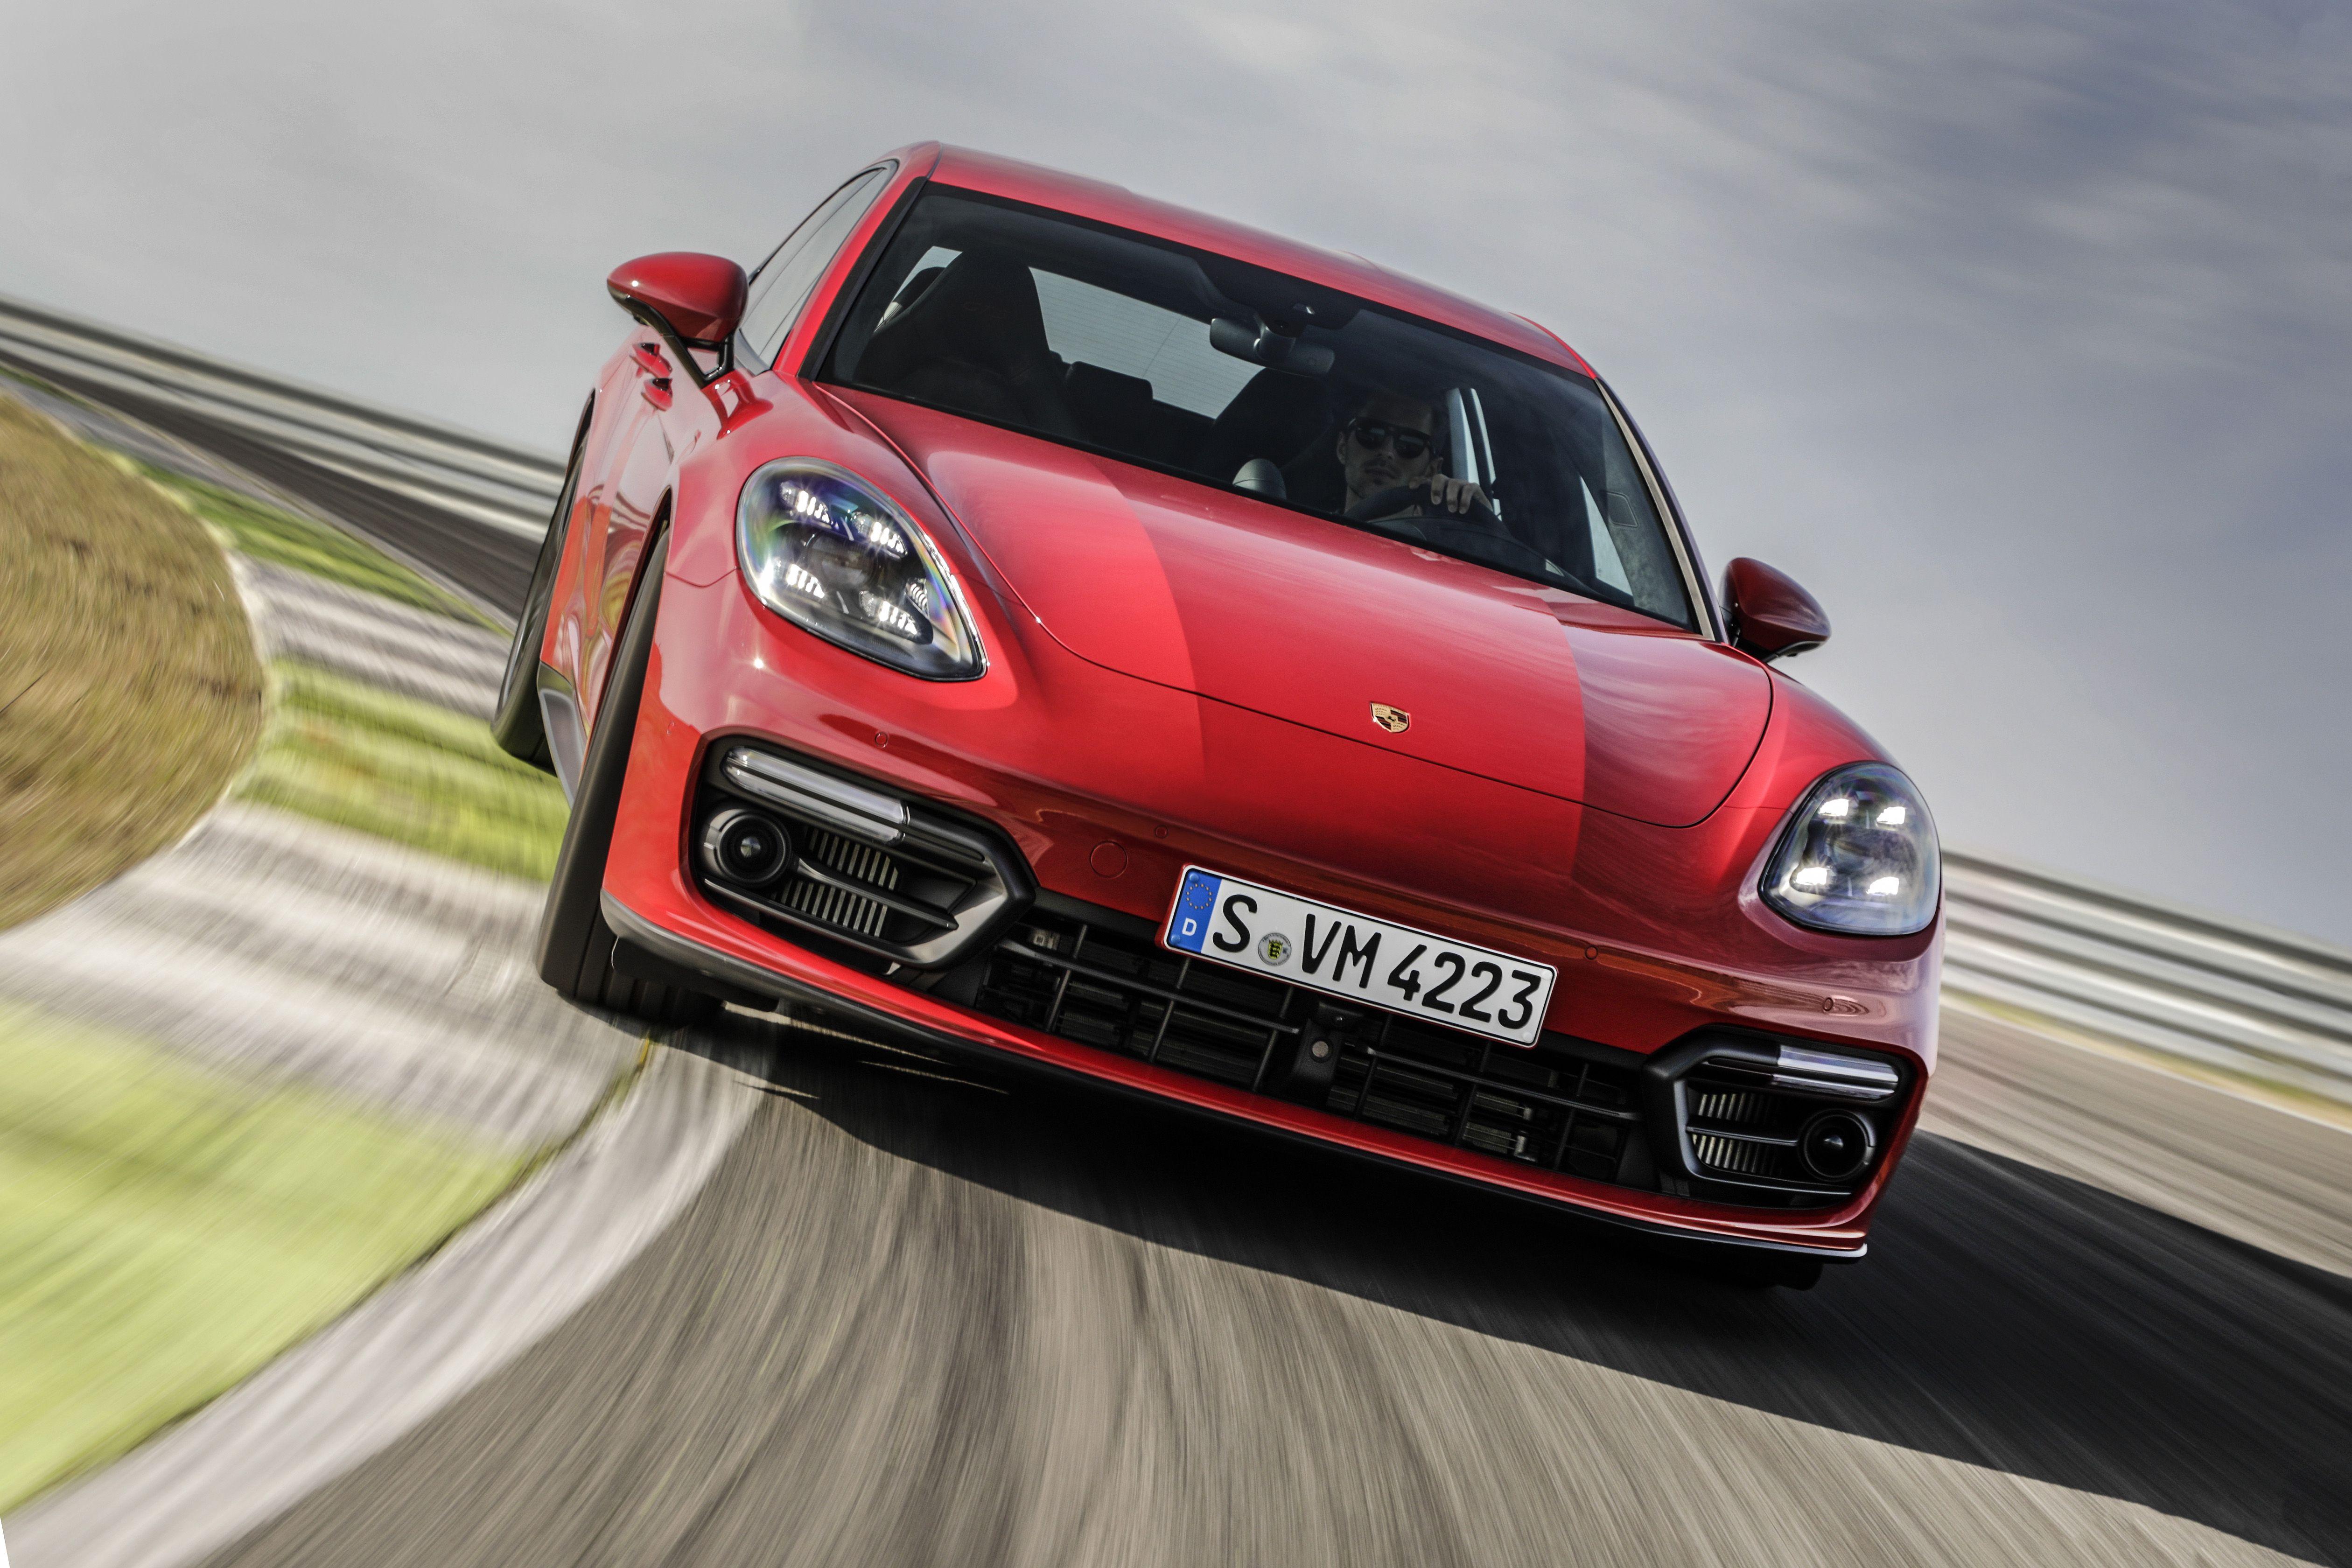 2020 The Porsche Panamera Speed Test